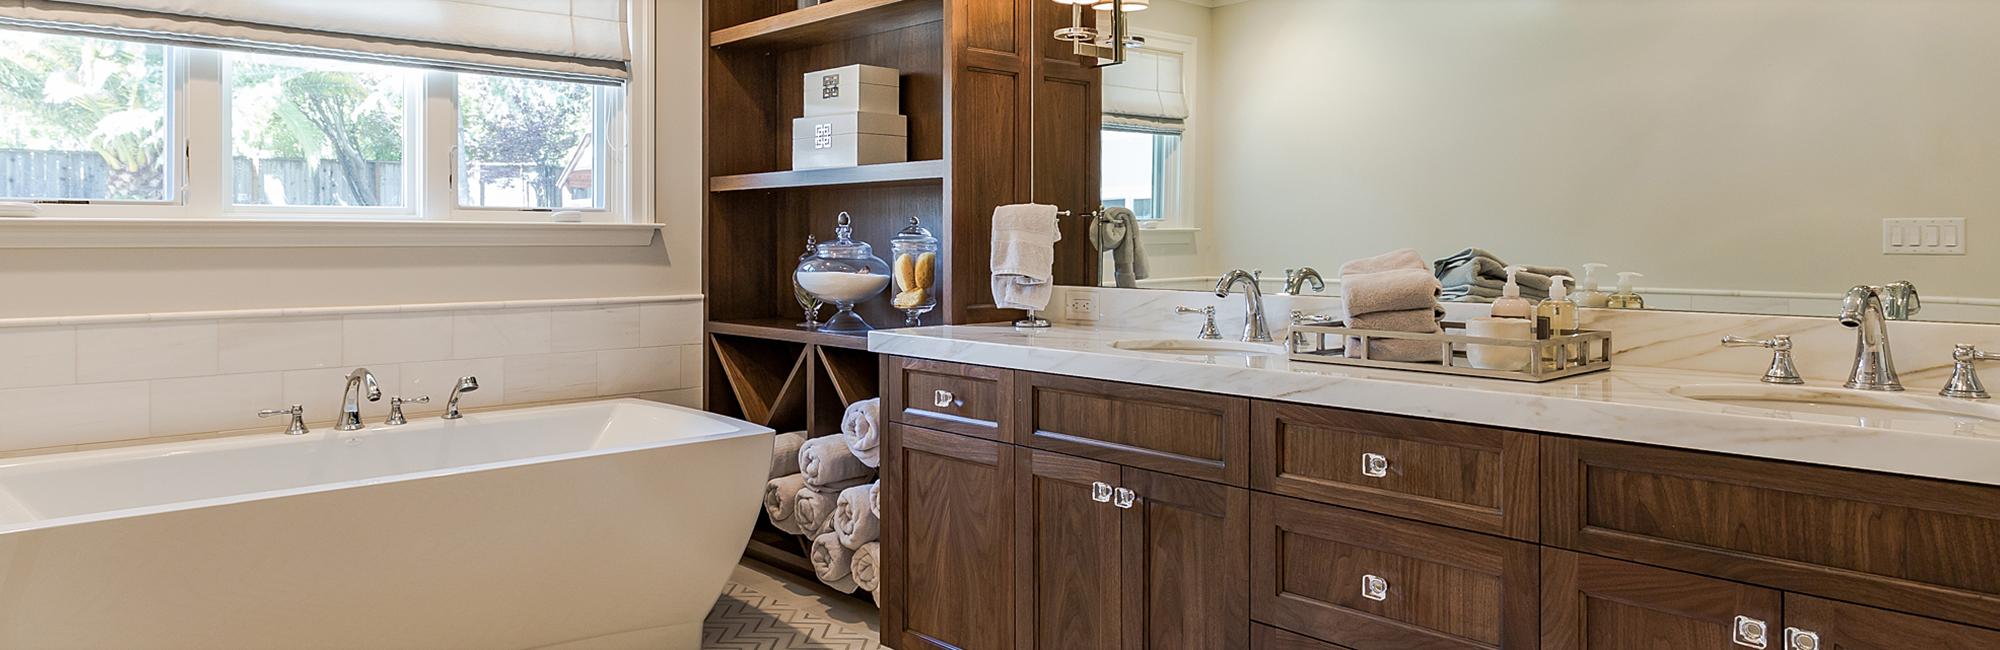 Home Hardware San Antonio TX BUILDERS INTERIOR PRODUCTS - Bathroom showrooms san antonio